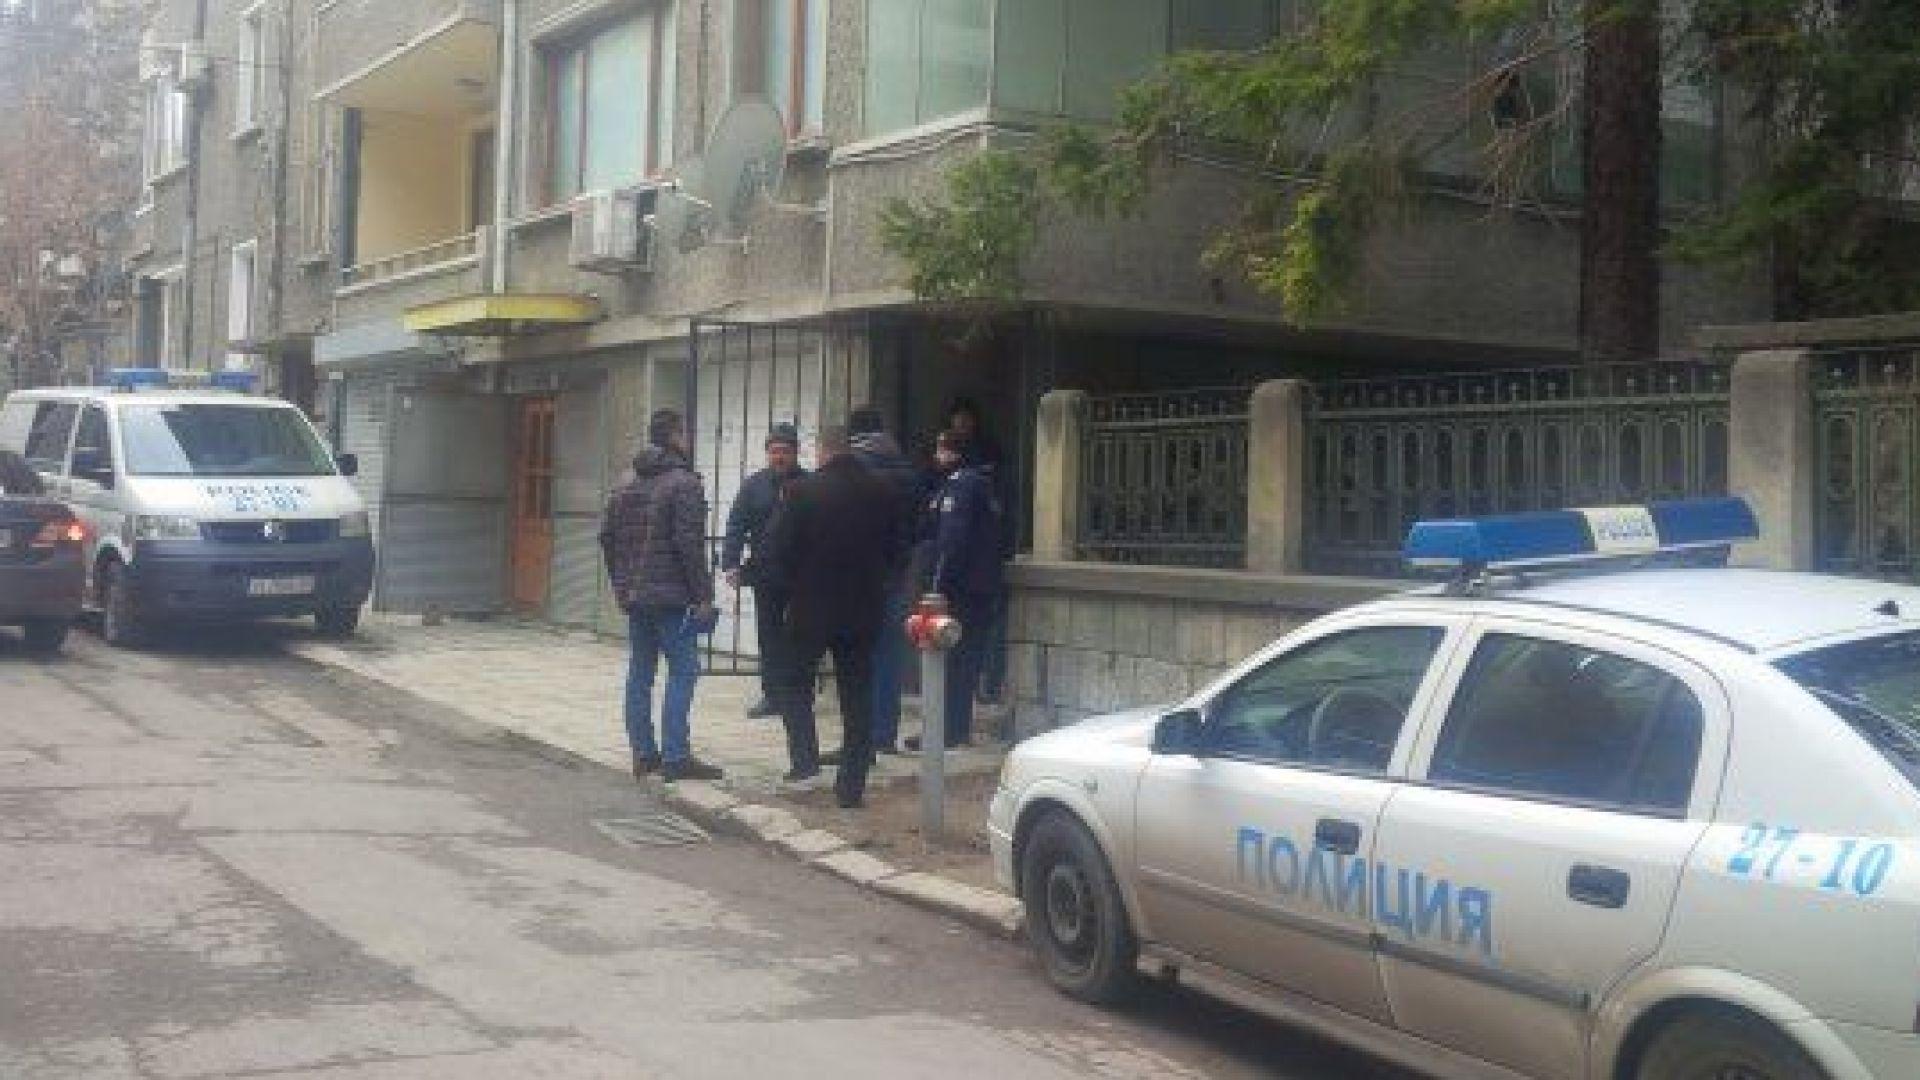 Откриха телата на съпрузи в апартамент в центъра на Шумен